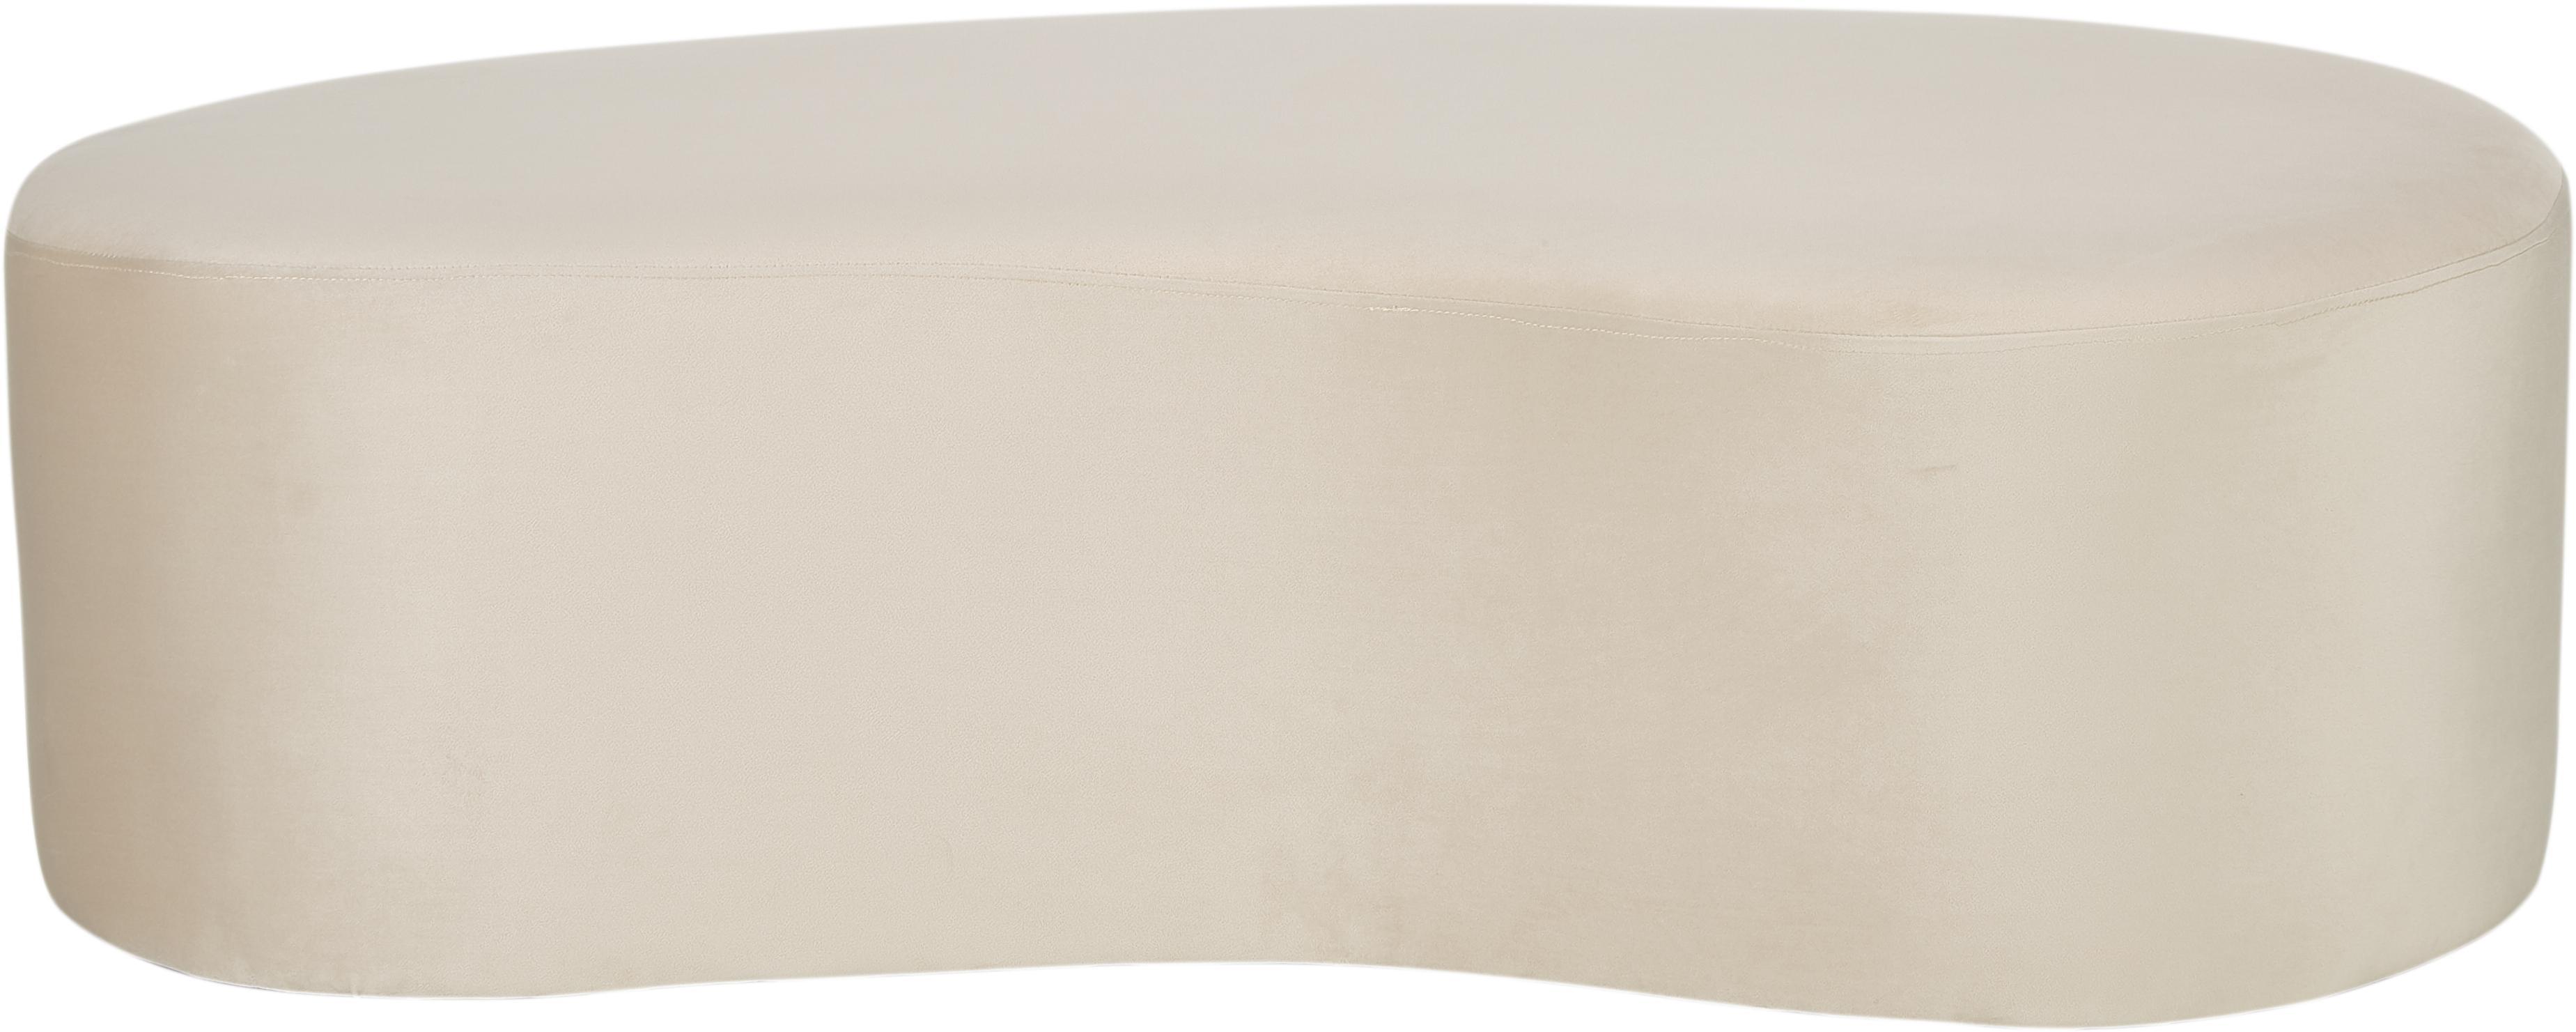 Samt-Pouf Horta, Polyestersamt, Gebrochenes Weiss, 120 x 36 cm